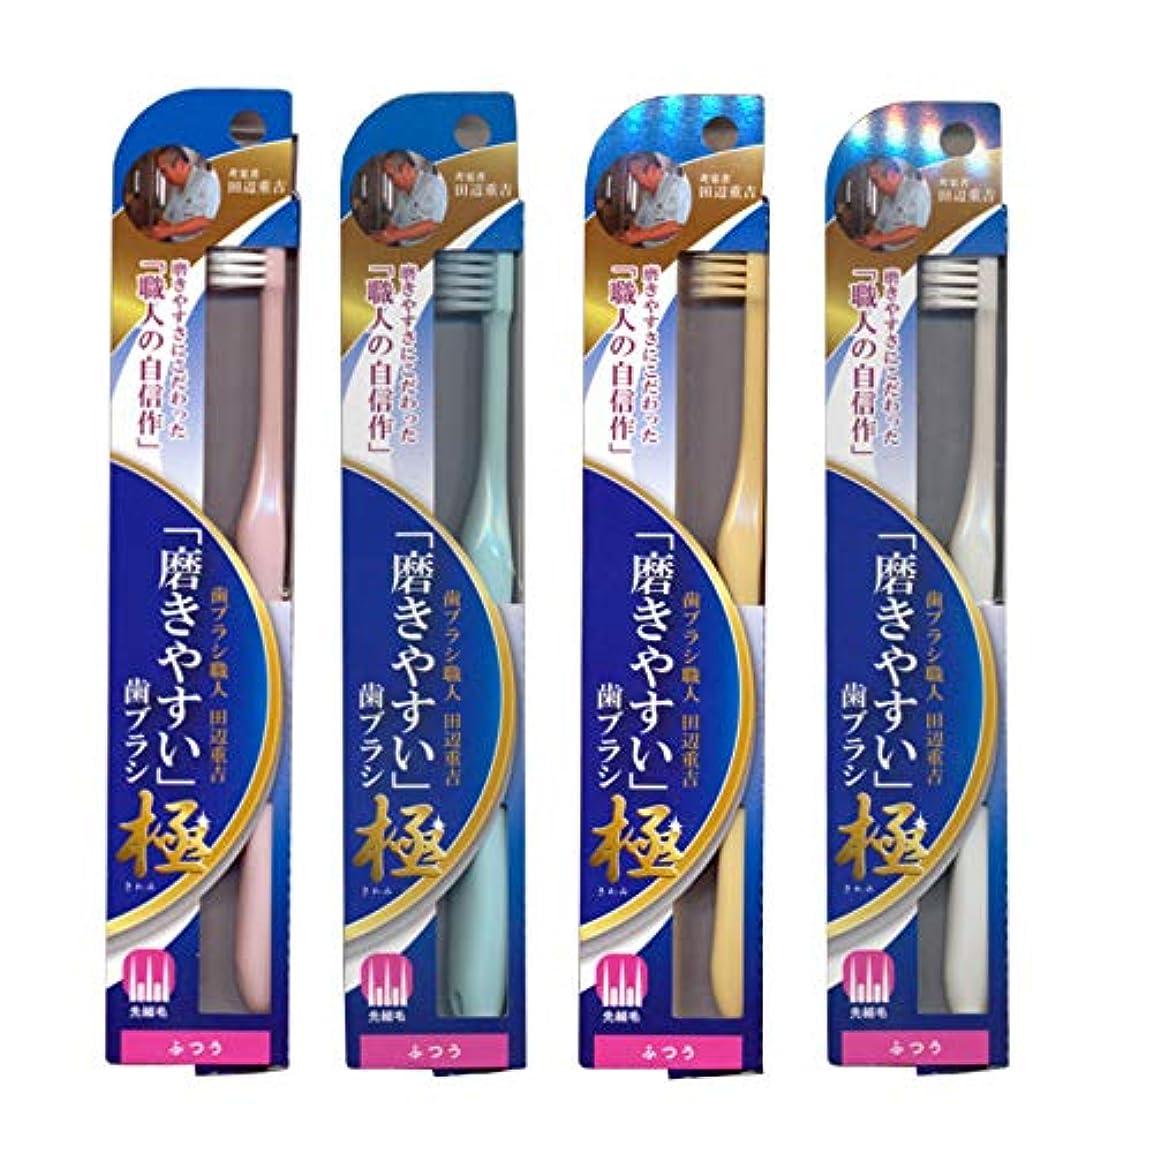 自発的枯れるアリス磨きやすい歯ブラシ極 (ふつう) LT-44×4本セット(ピンク×1、ブルー×1、ホワイト×1、イエロー×1)先細毛